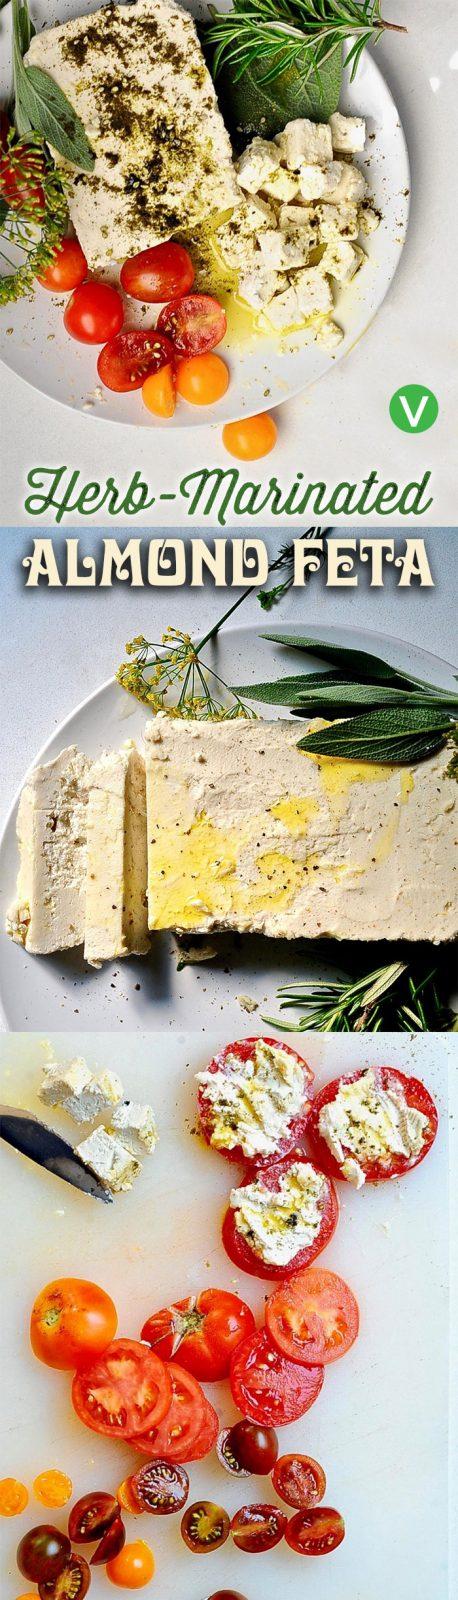 Tangy Almond Feta Cheese, Vegan, Gluten Free